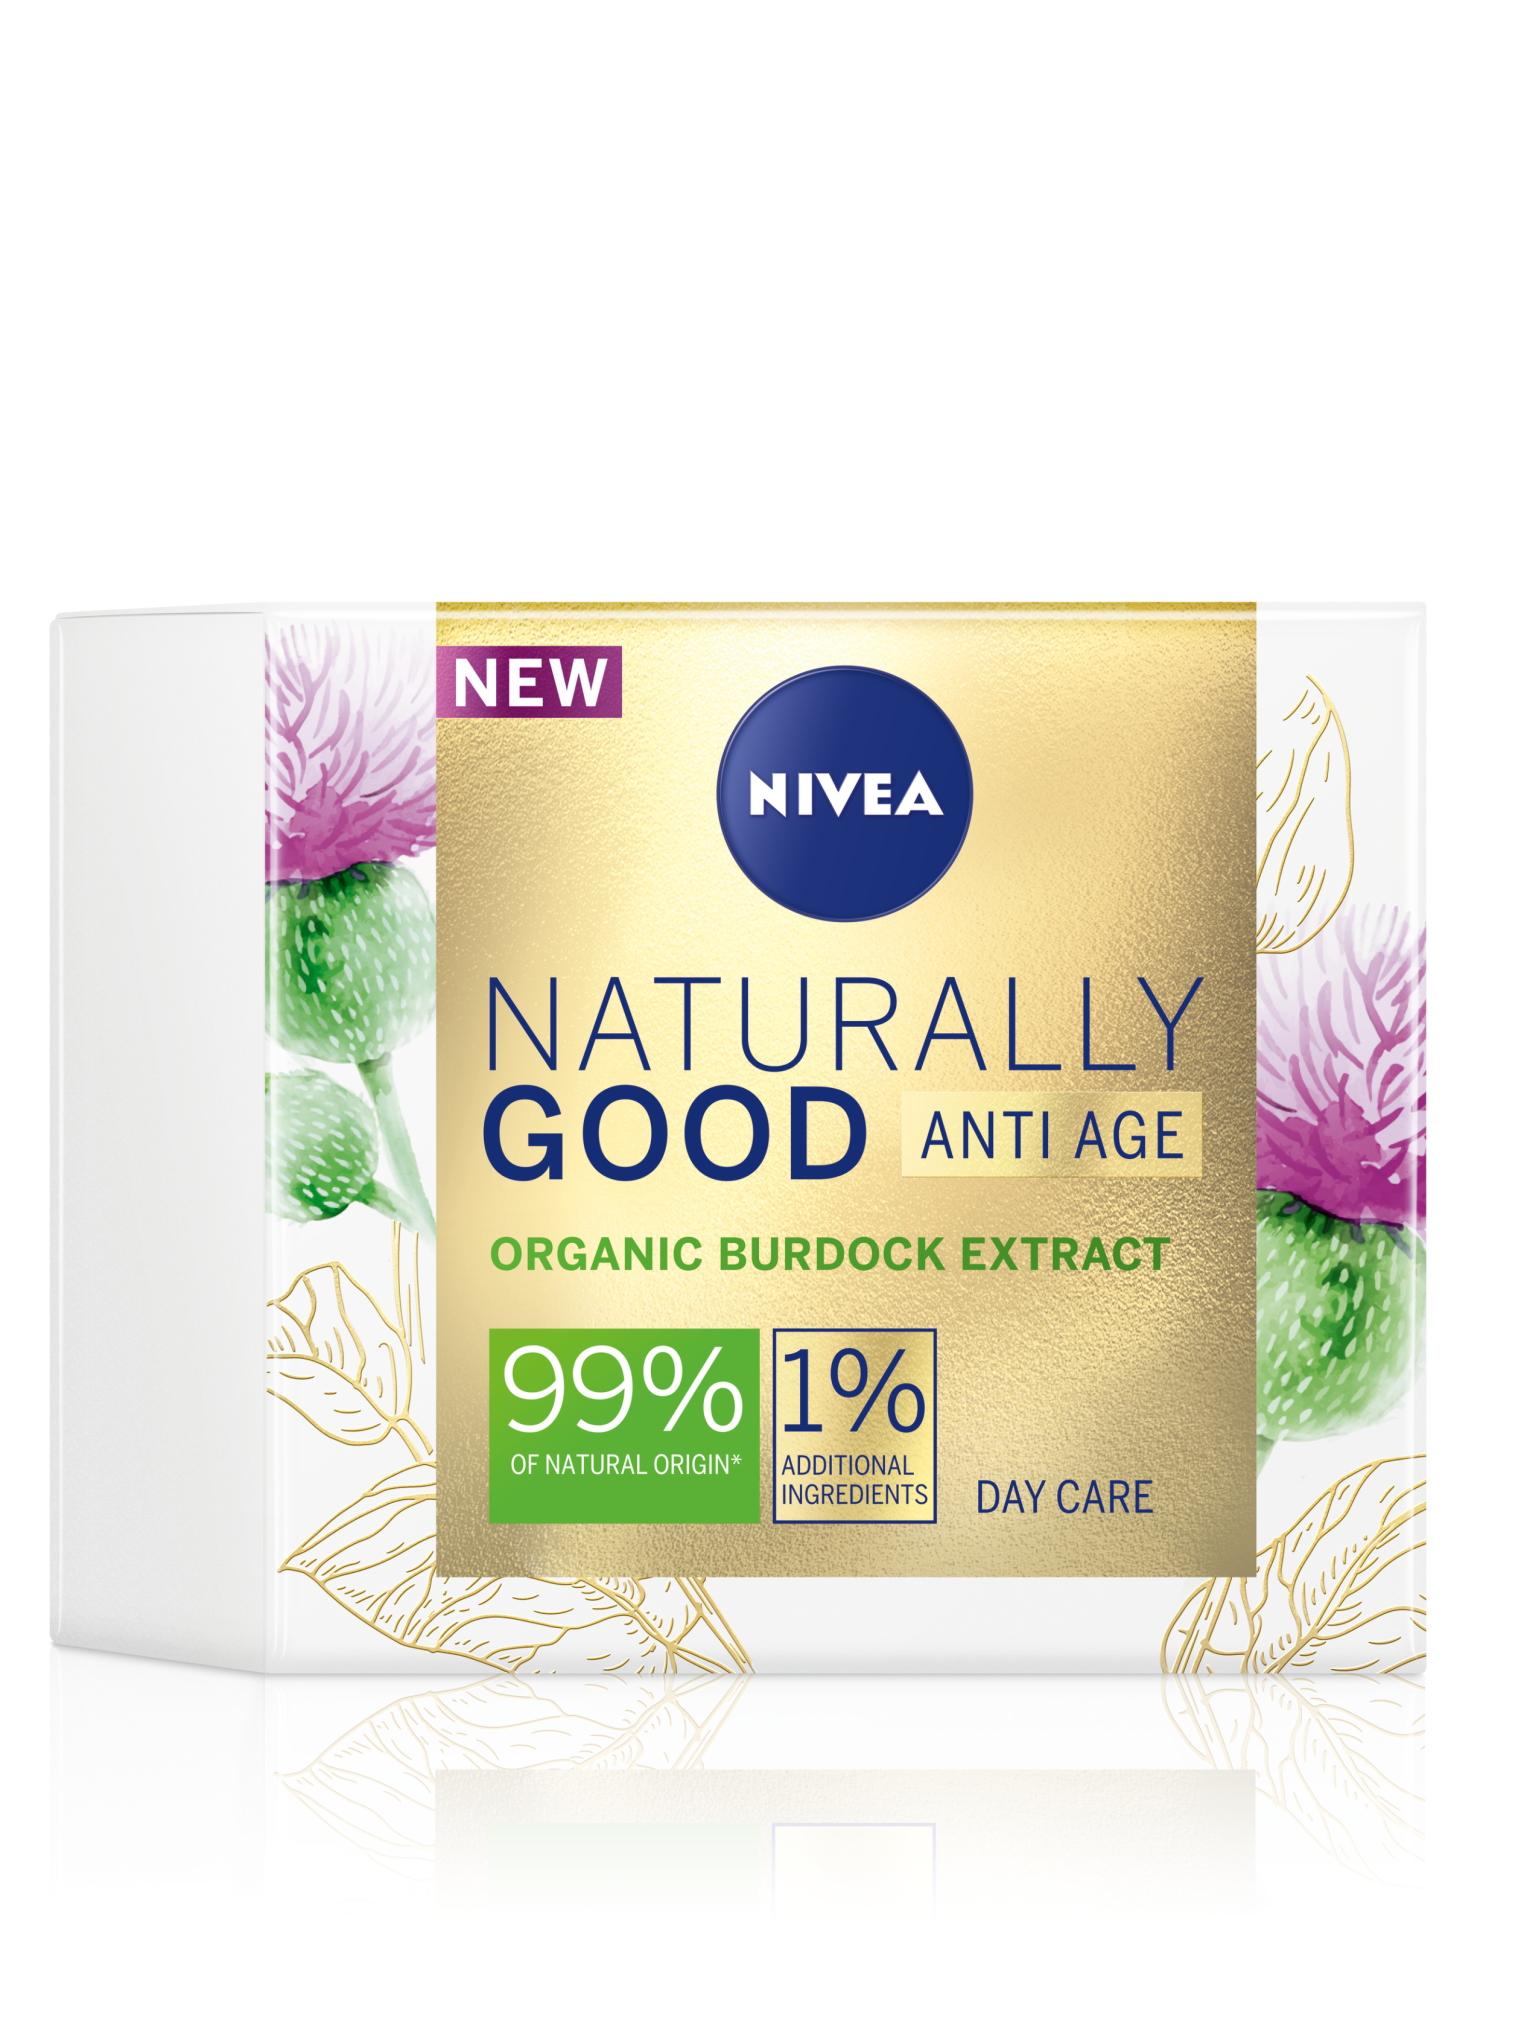 Prirodnom njegom do ljepote uz nove NIVEA Naturally good proizvode